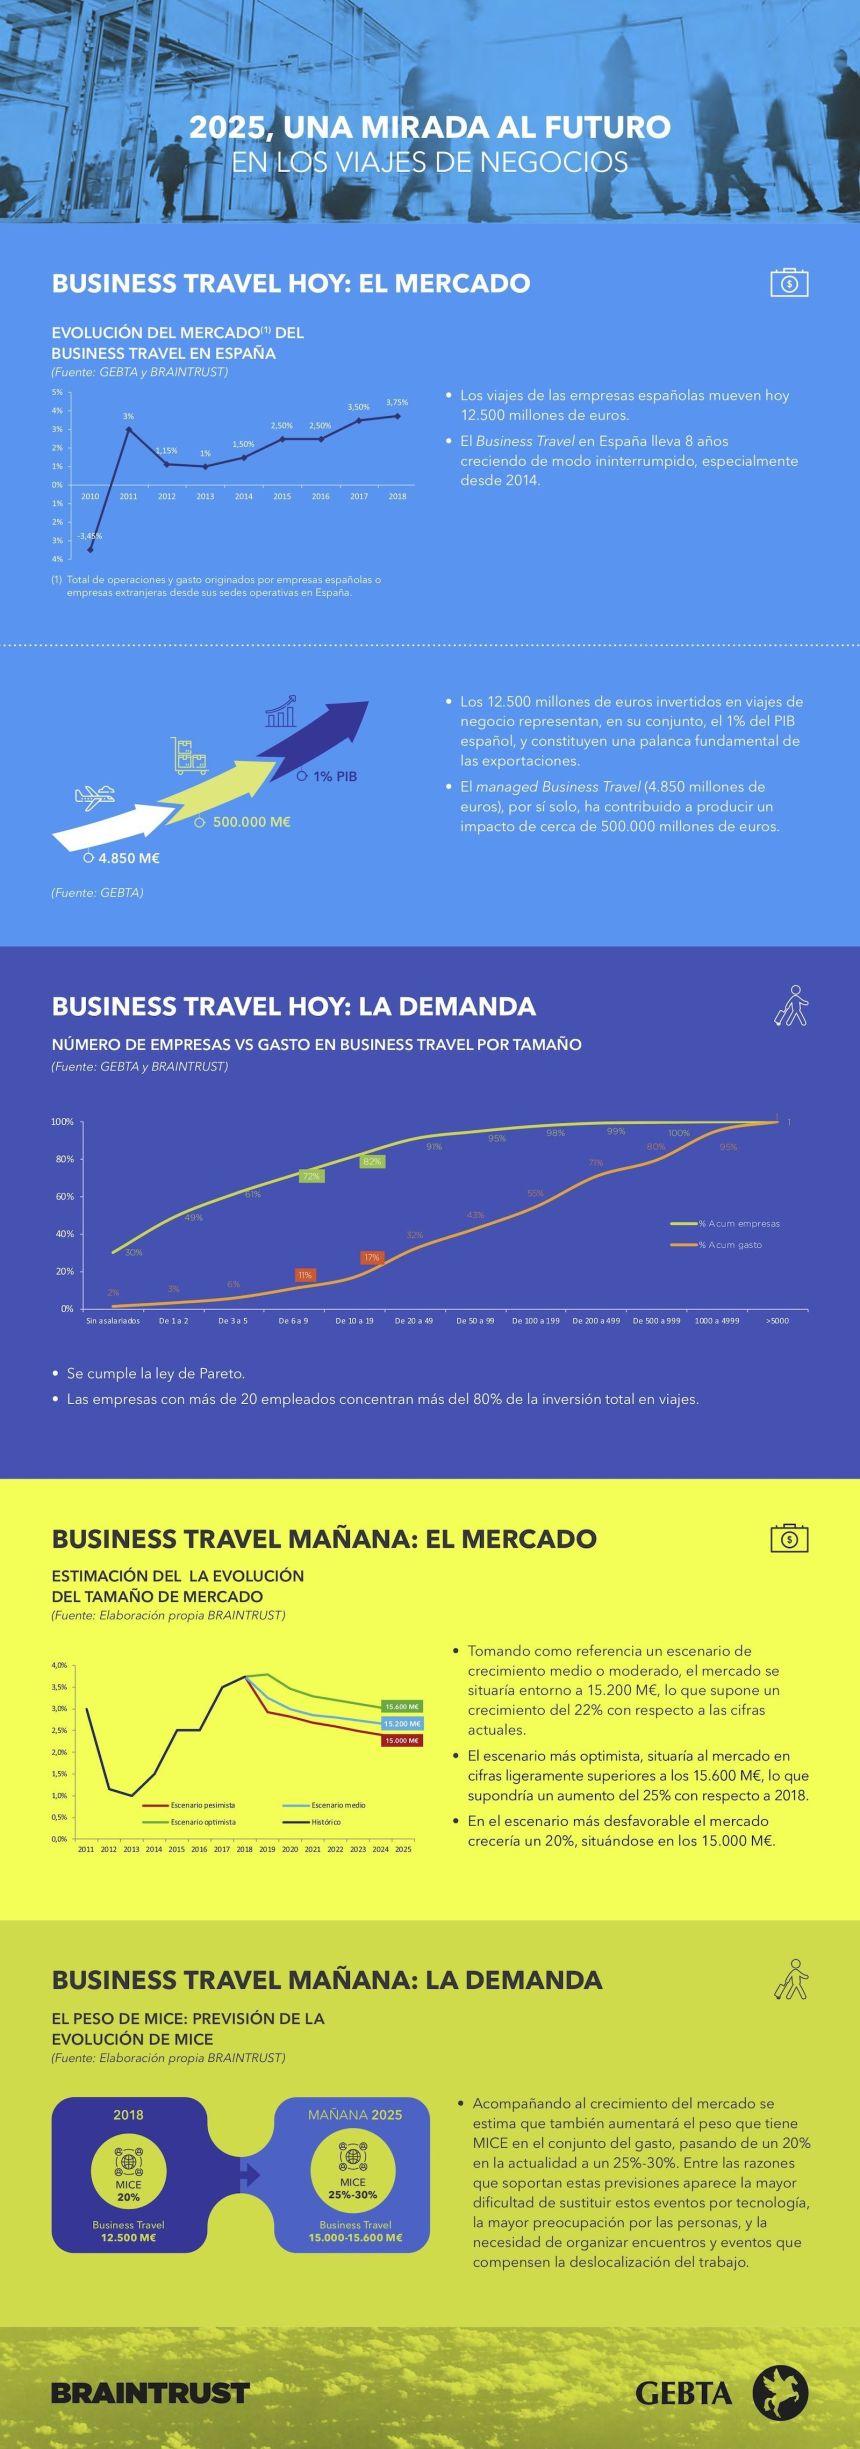 Viajes de negocios #infografia #rrhh #turismo